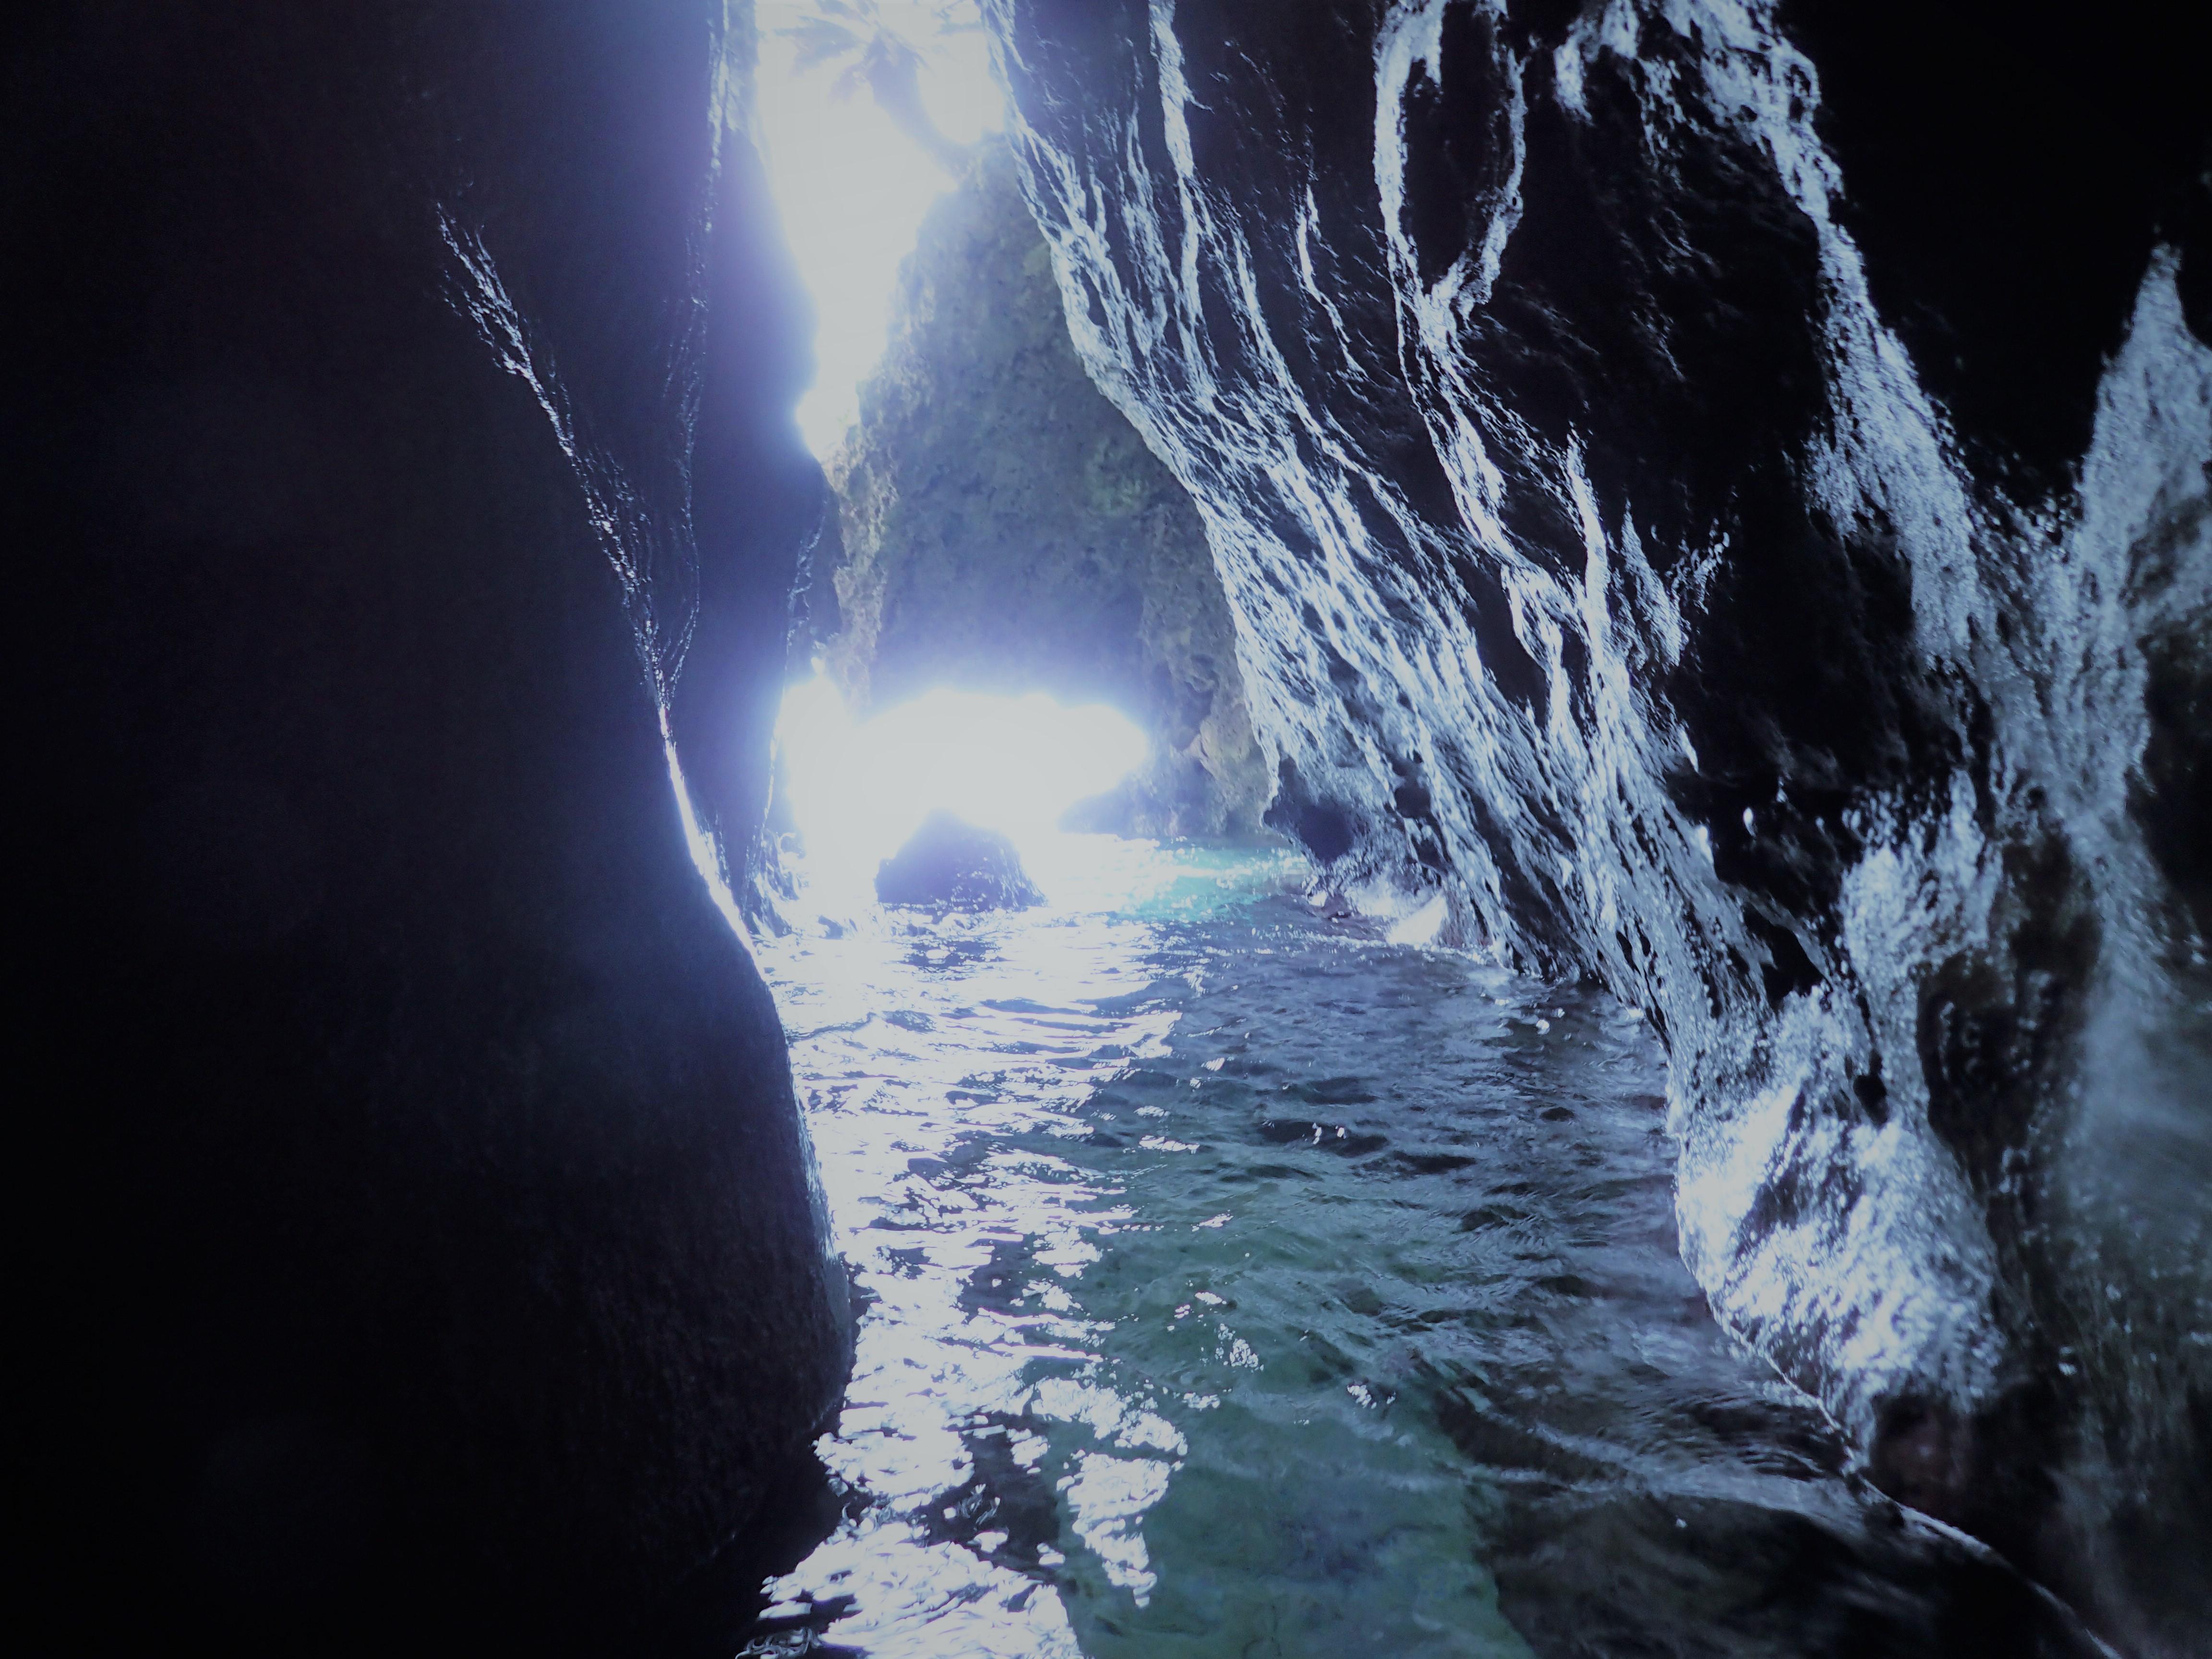 石垣島 青の洞窟半日シュノーケリングに行って来ました!